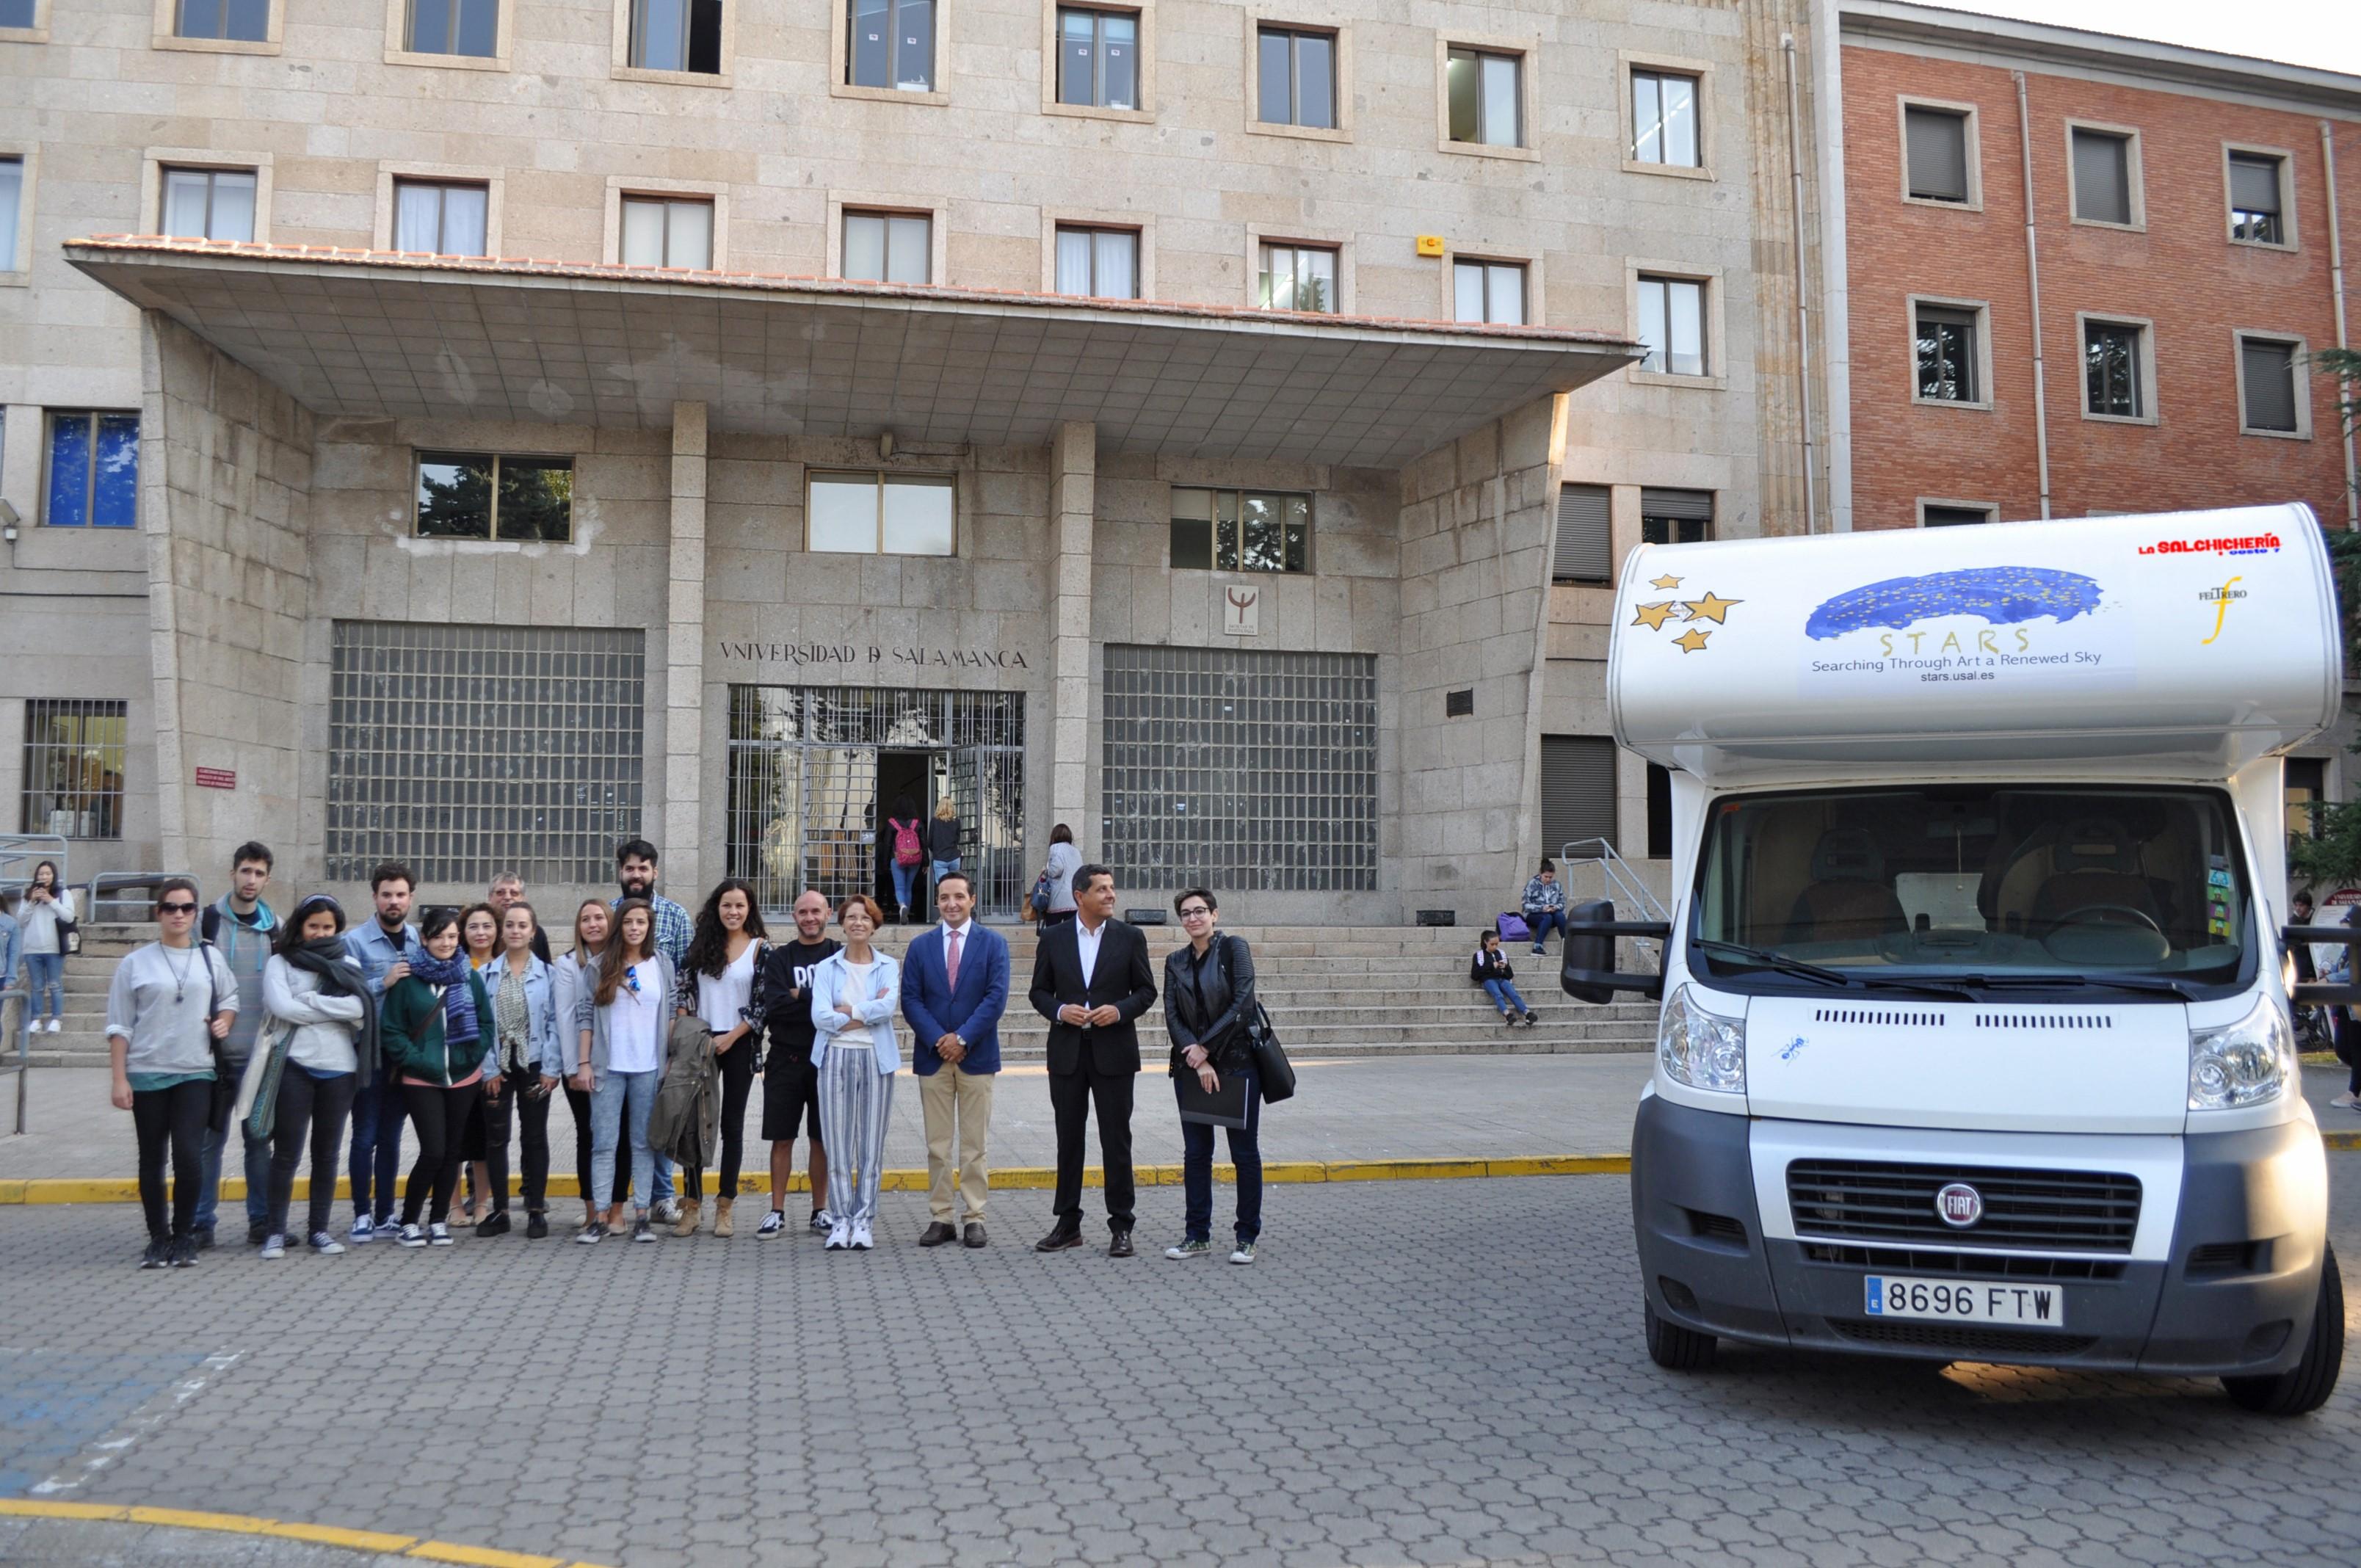 La Universidad de Salamanca proyecta crear un consorcio internacional entre universidades, empresas y asociaciones para implementar su oferta formativa en bellas artes